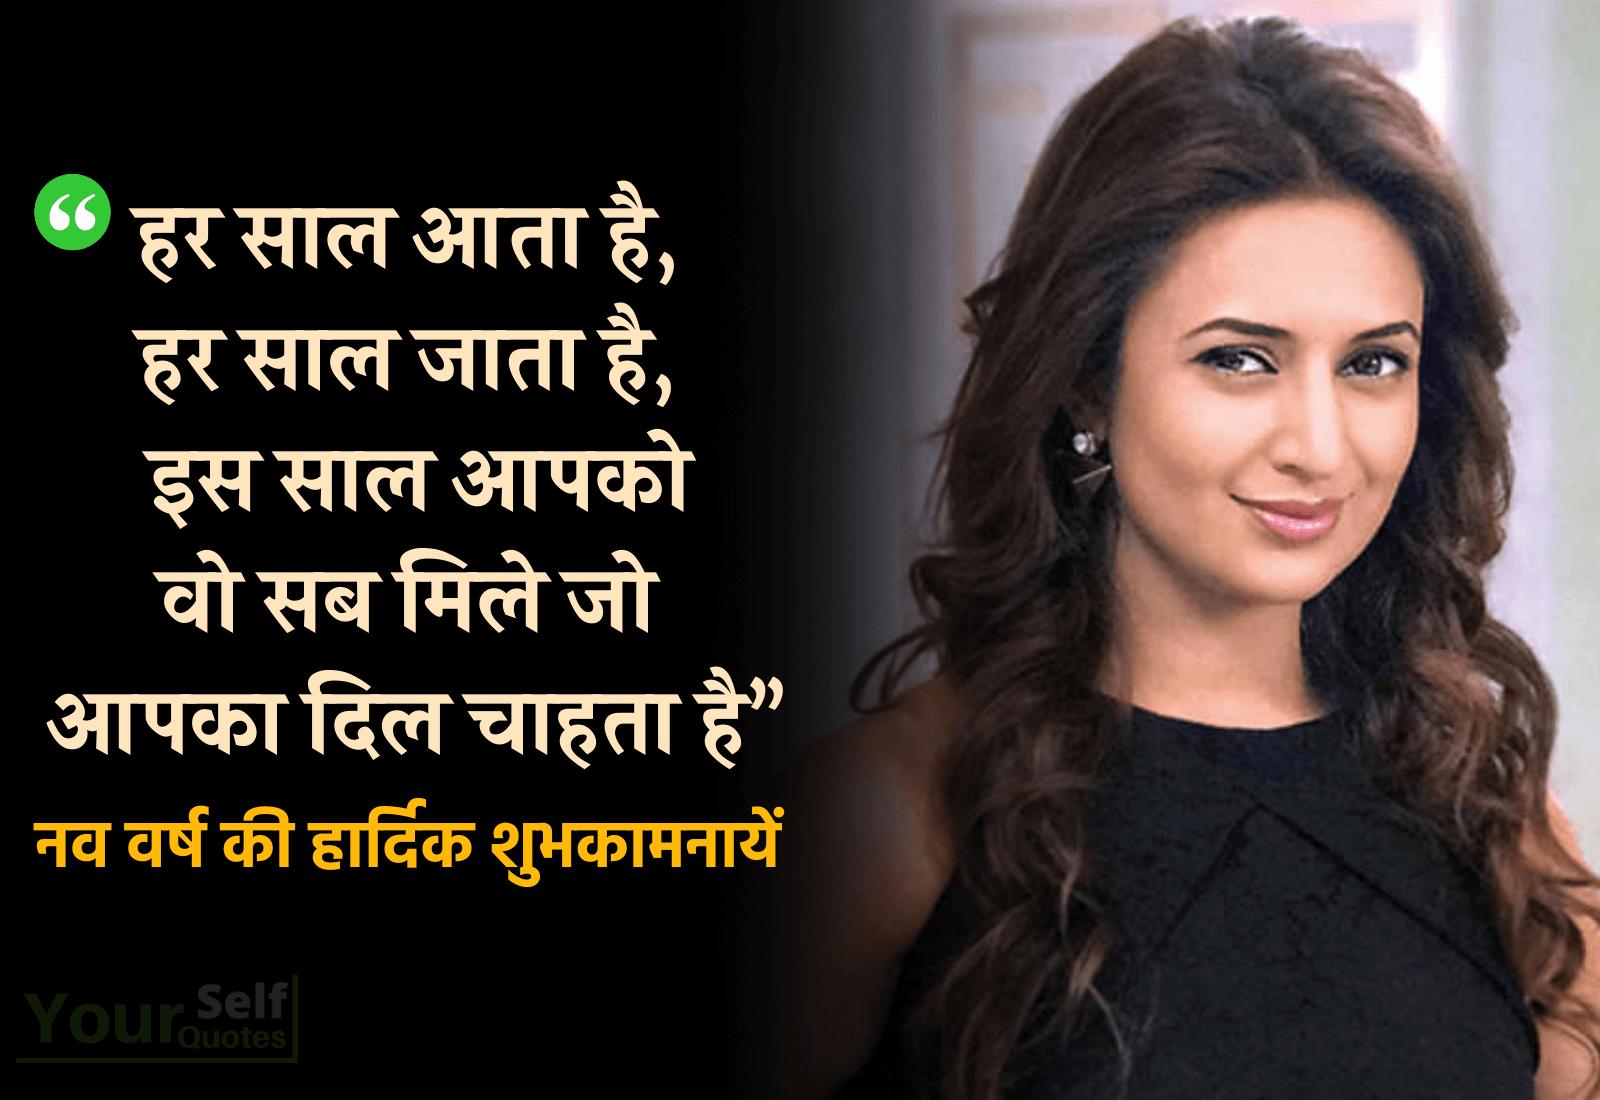 Shayari New Year Hindi Best Shayari